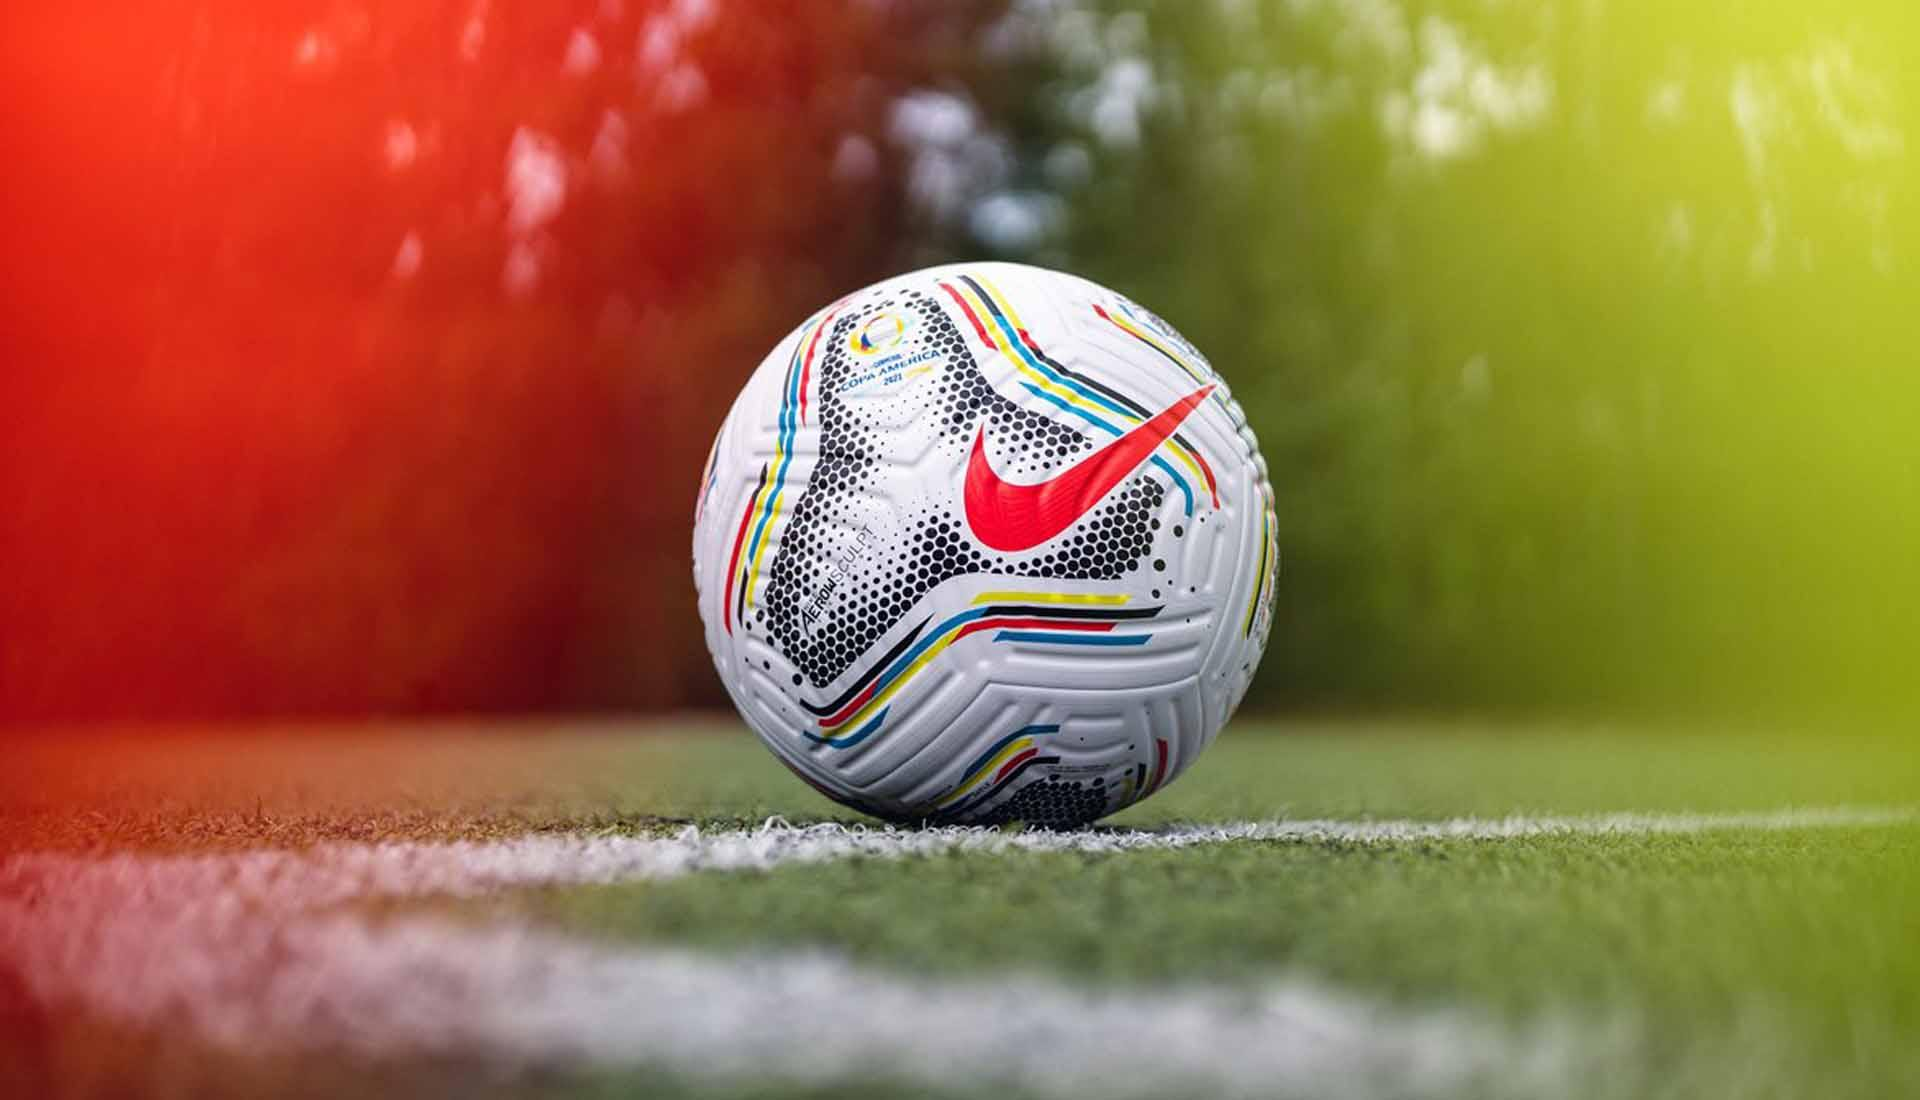 balon oficial de nike para la copa america del 2021